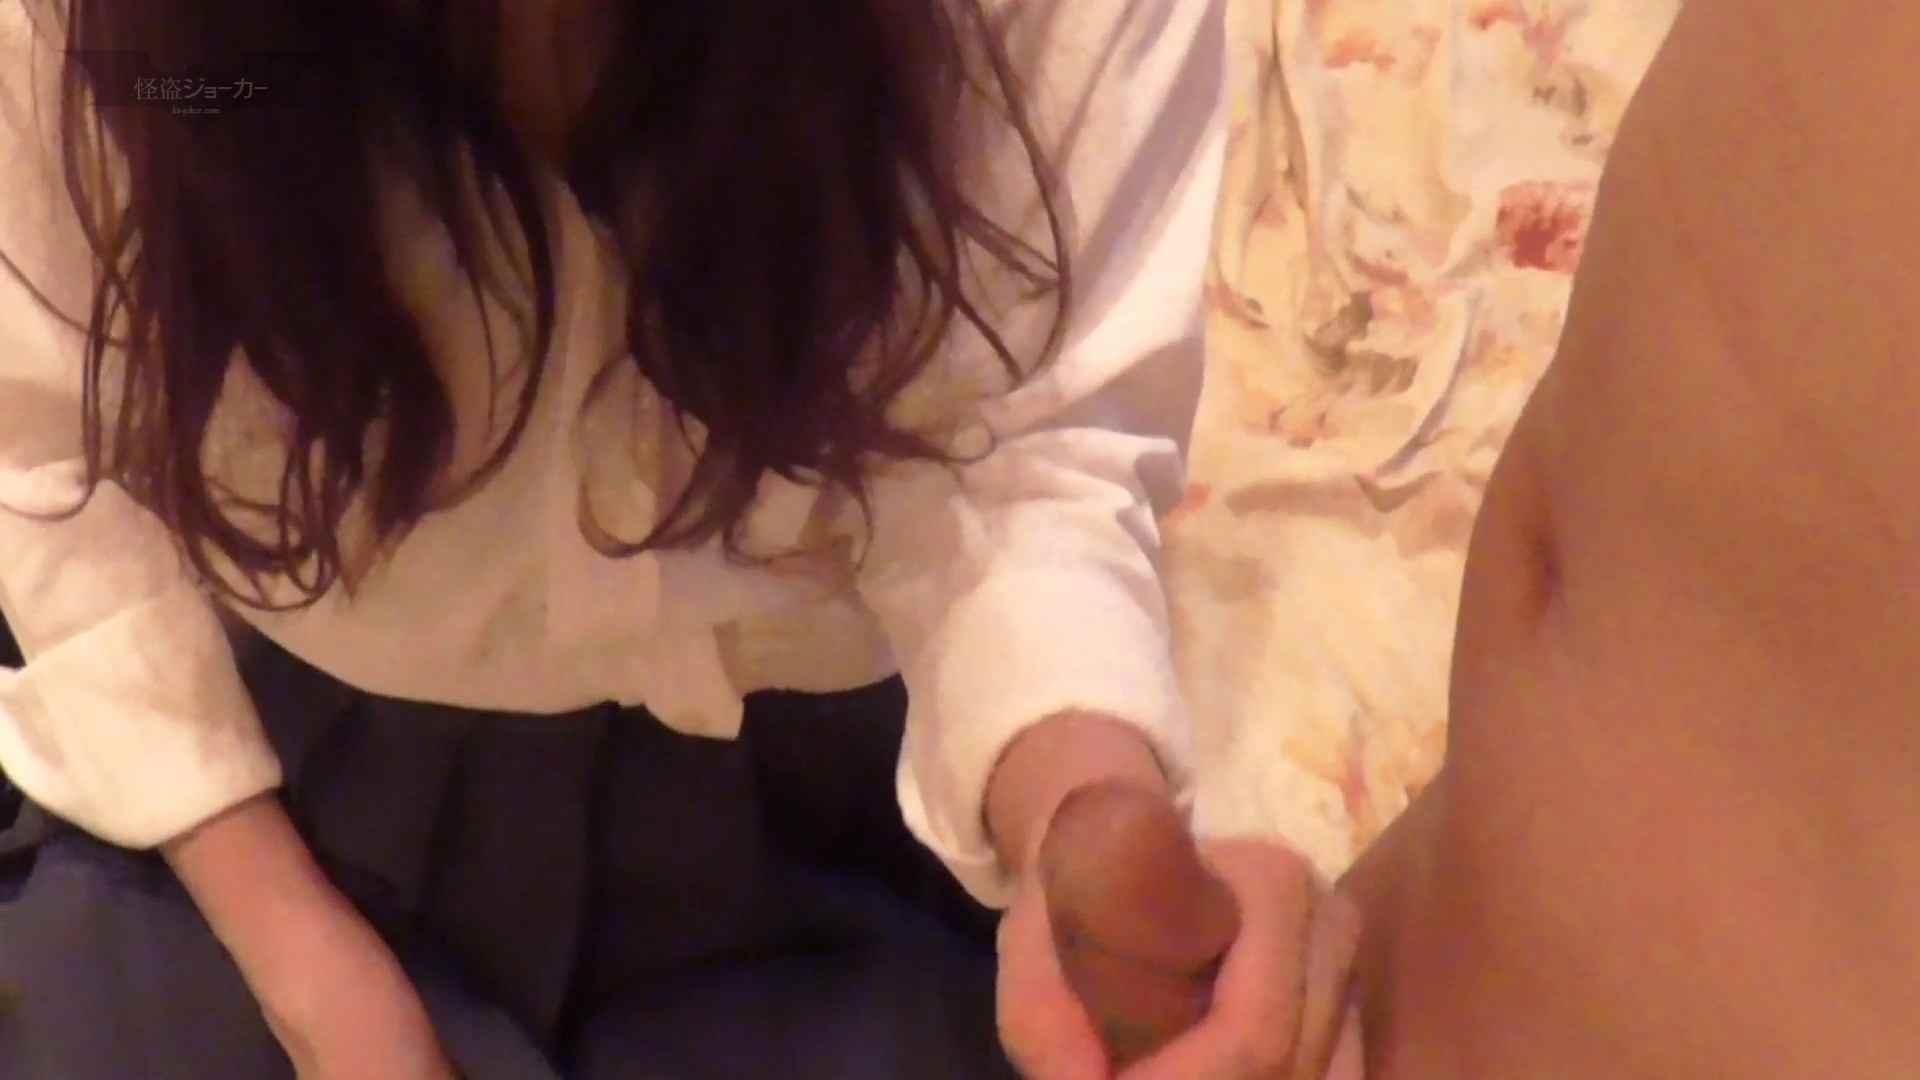 パンツを売る女 Vol.18 最近のSEIFUKUは話が早いっ!舐めるの上手いっ エッチすぎるOL達  97連発 52